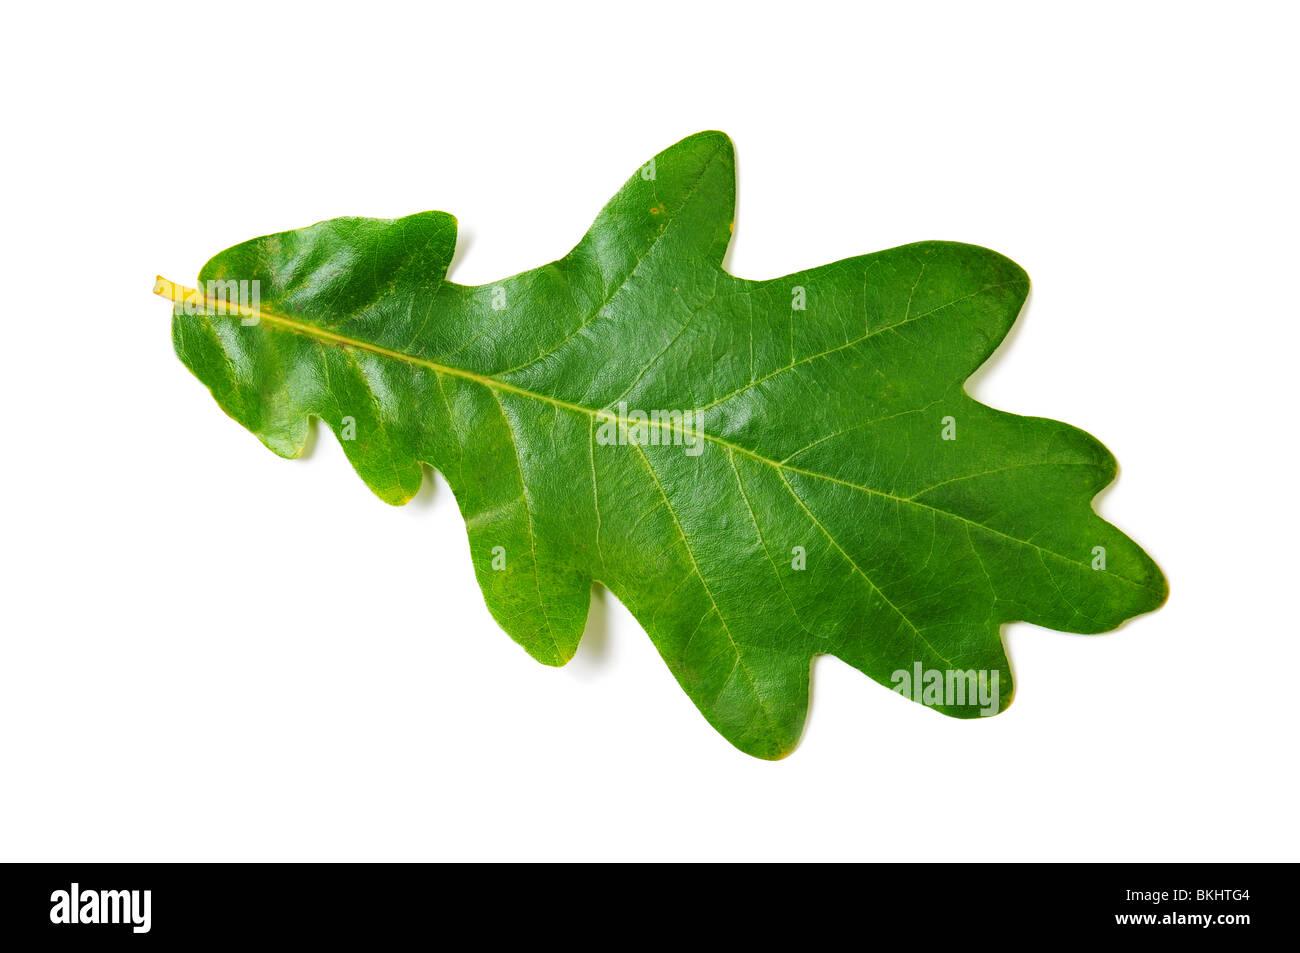 Grünes Eichenblatt auf weißem Hintergrund. Isolierte Bild Stockbild